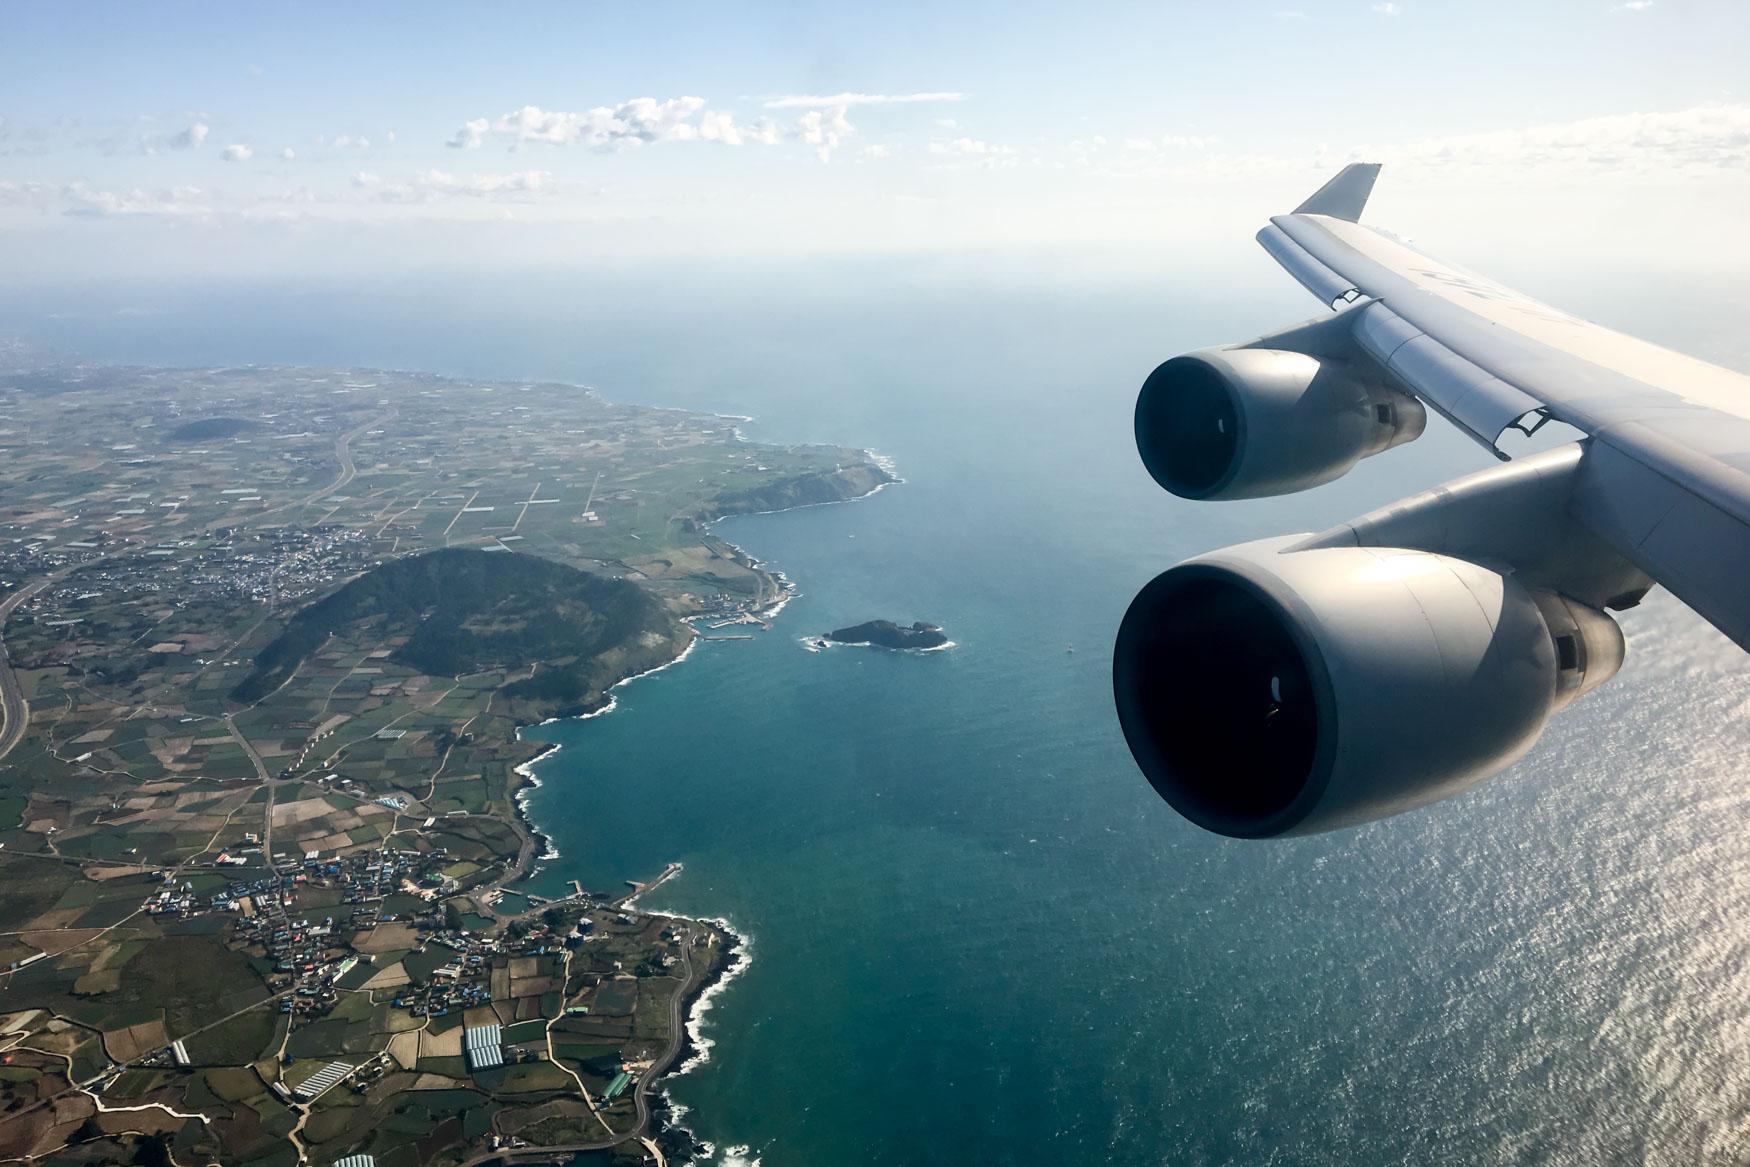 Approaching Jeju Island